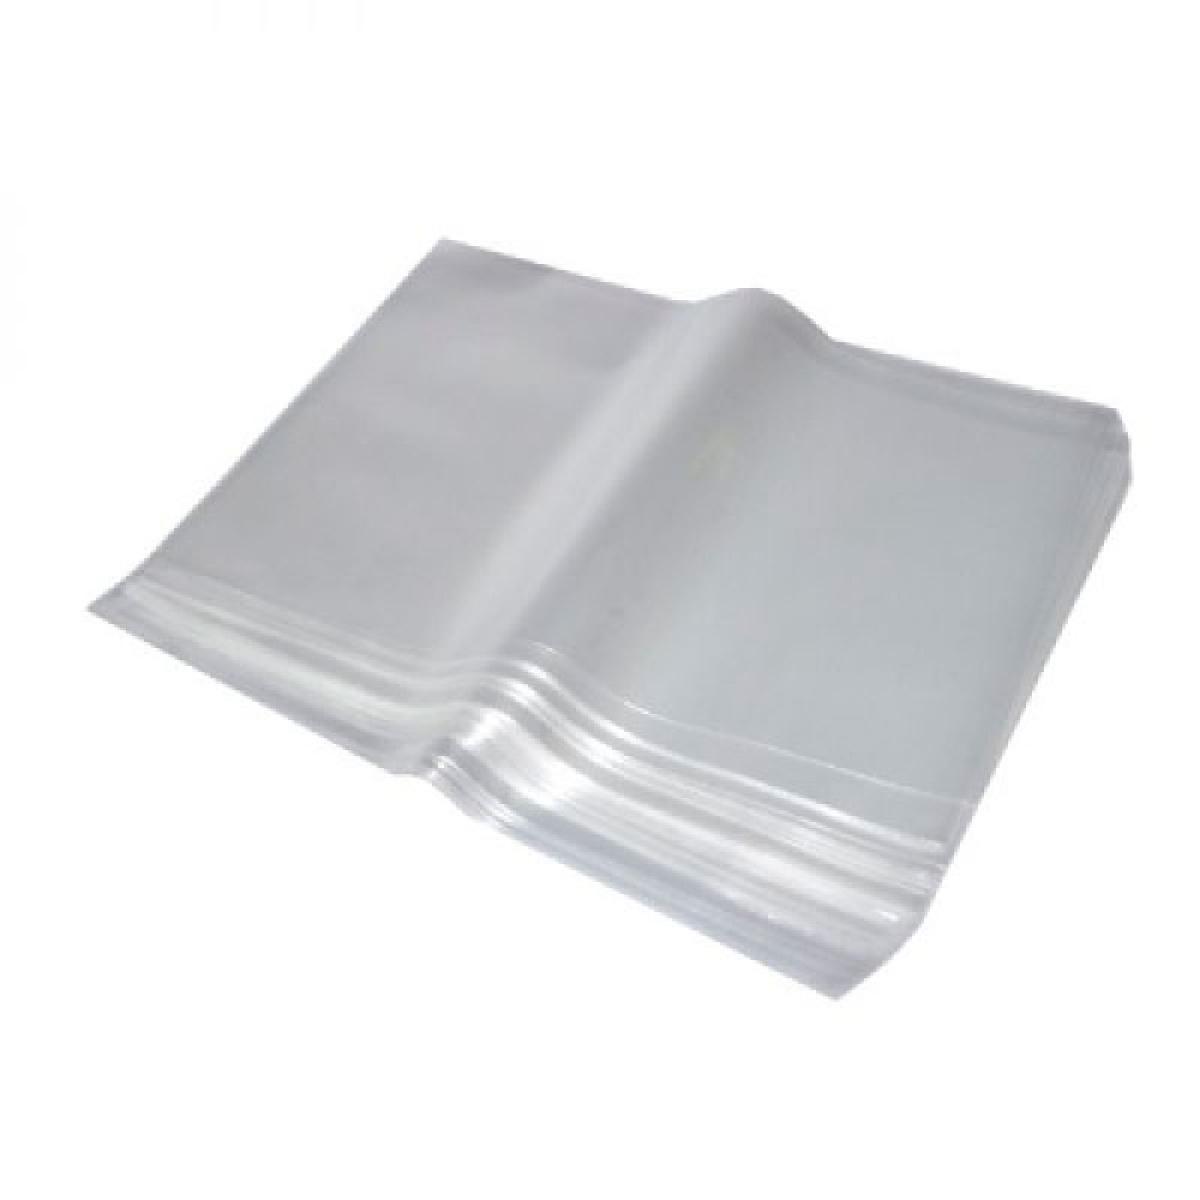 Sacos em Polietileno Transparente Reforçado com 1 kg